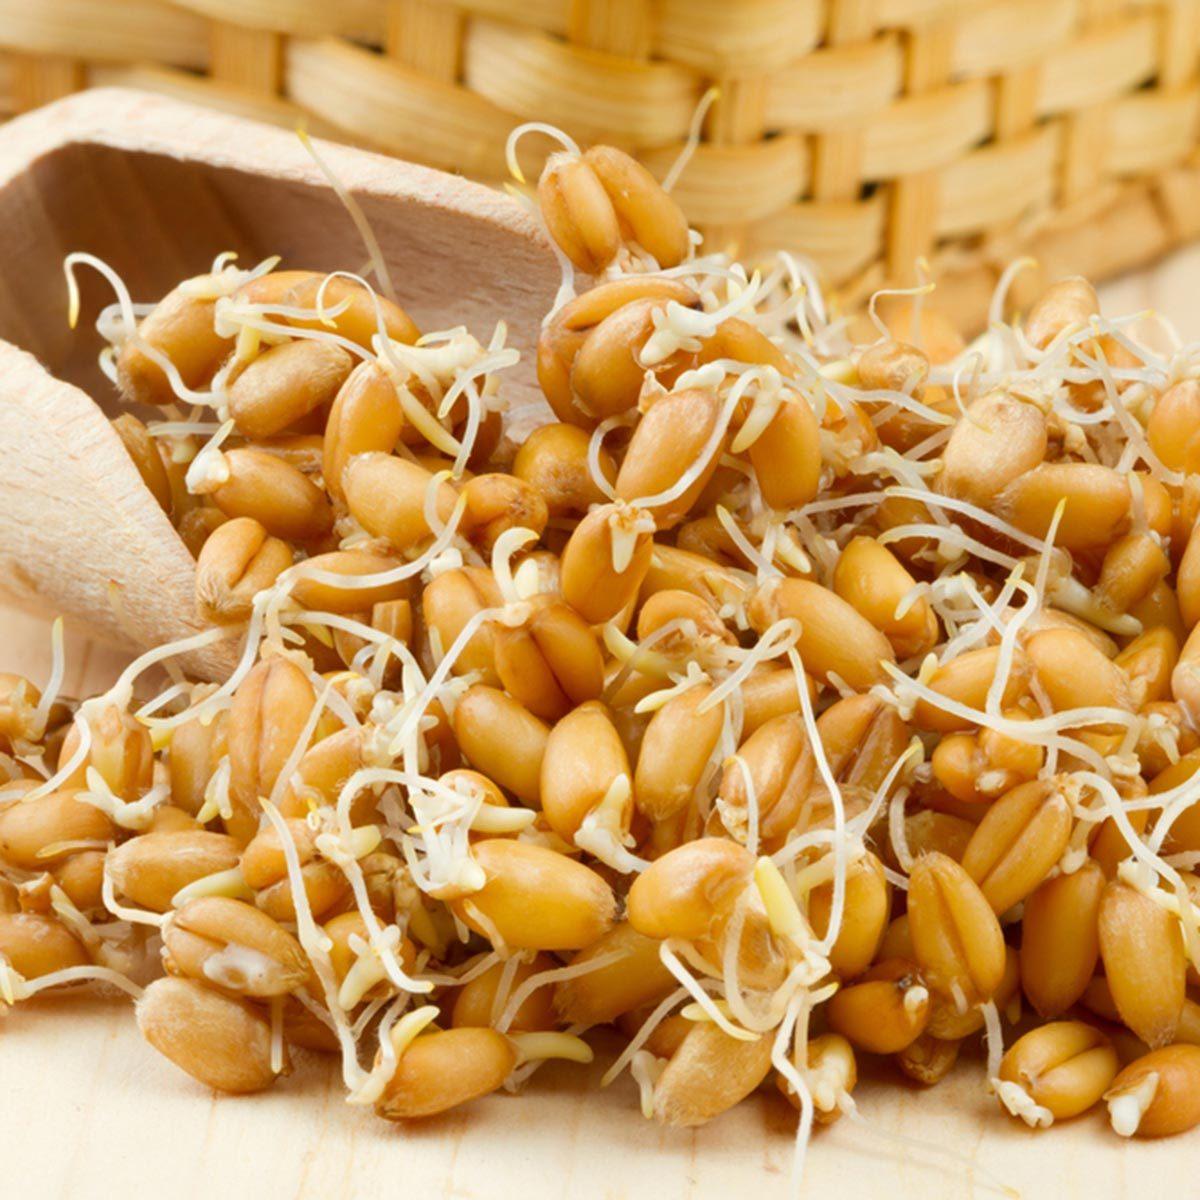 Des protéines végétales peuvent être ajoutées à votre smoothie avec des germes de blé.